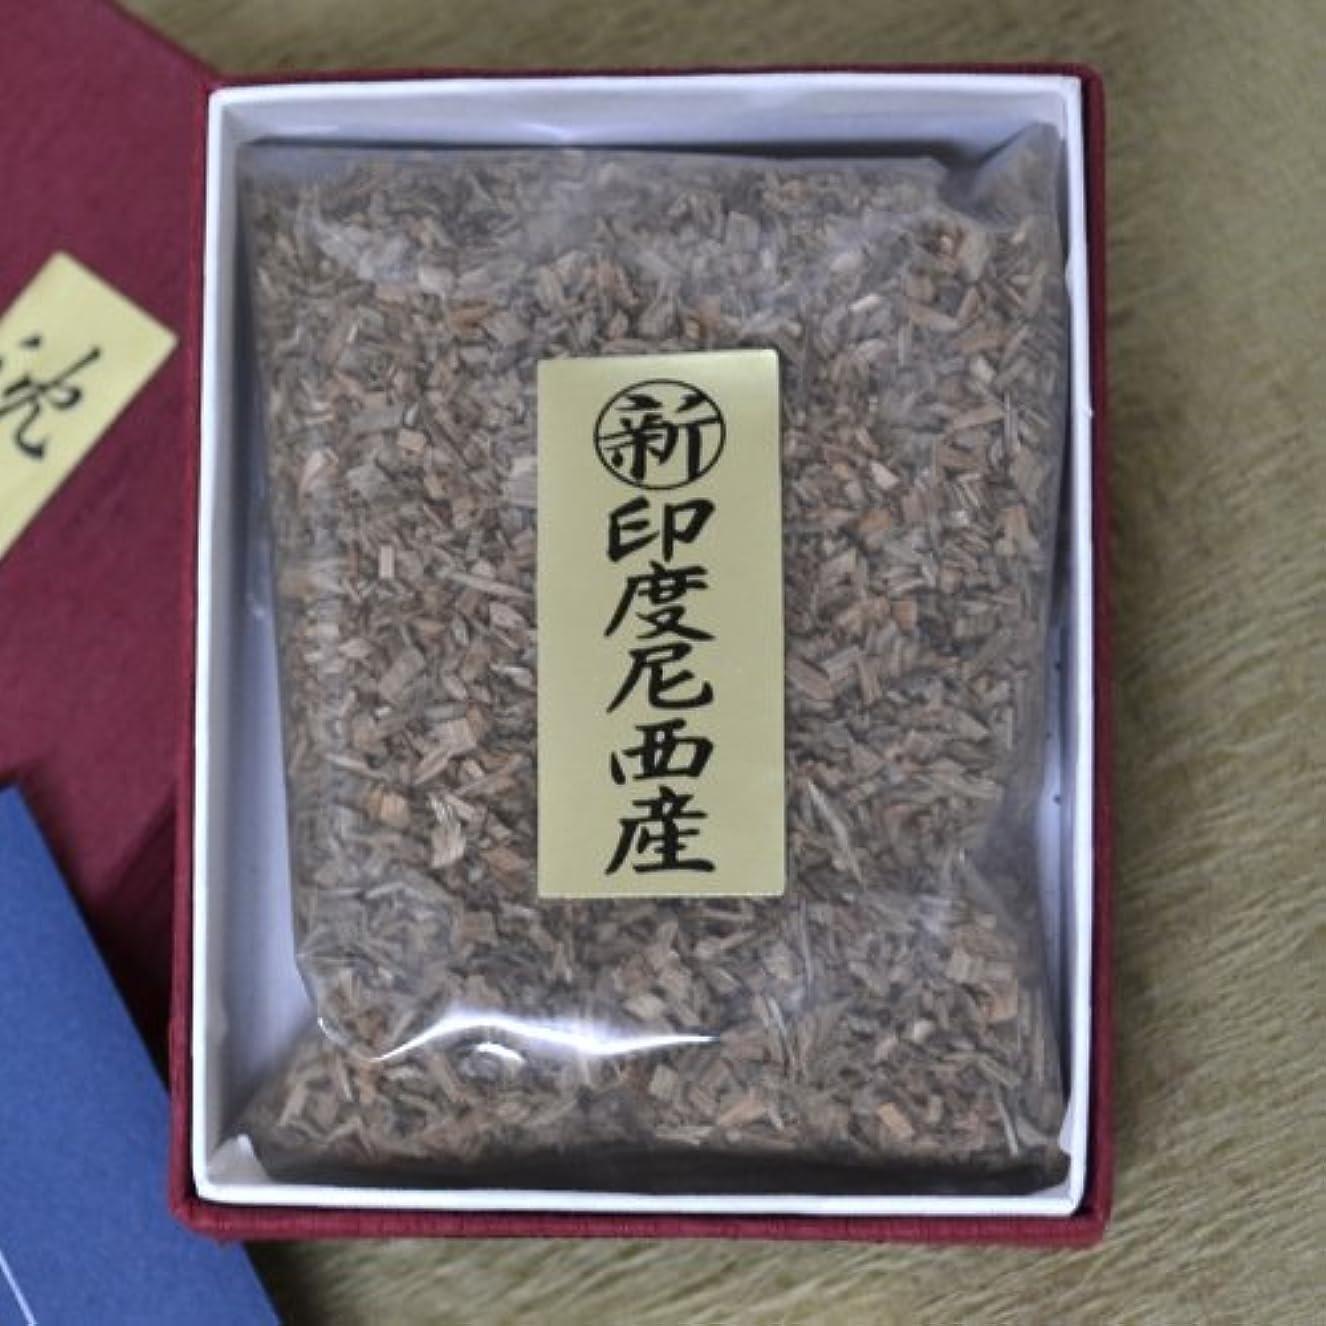 一節ファンシープレビスサイト香木 お焼香 新インドネシア産 沈香 【最高級品】 18g